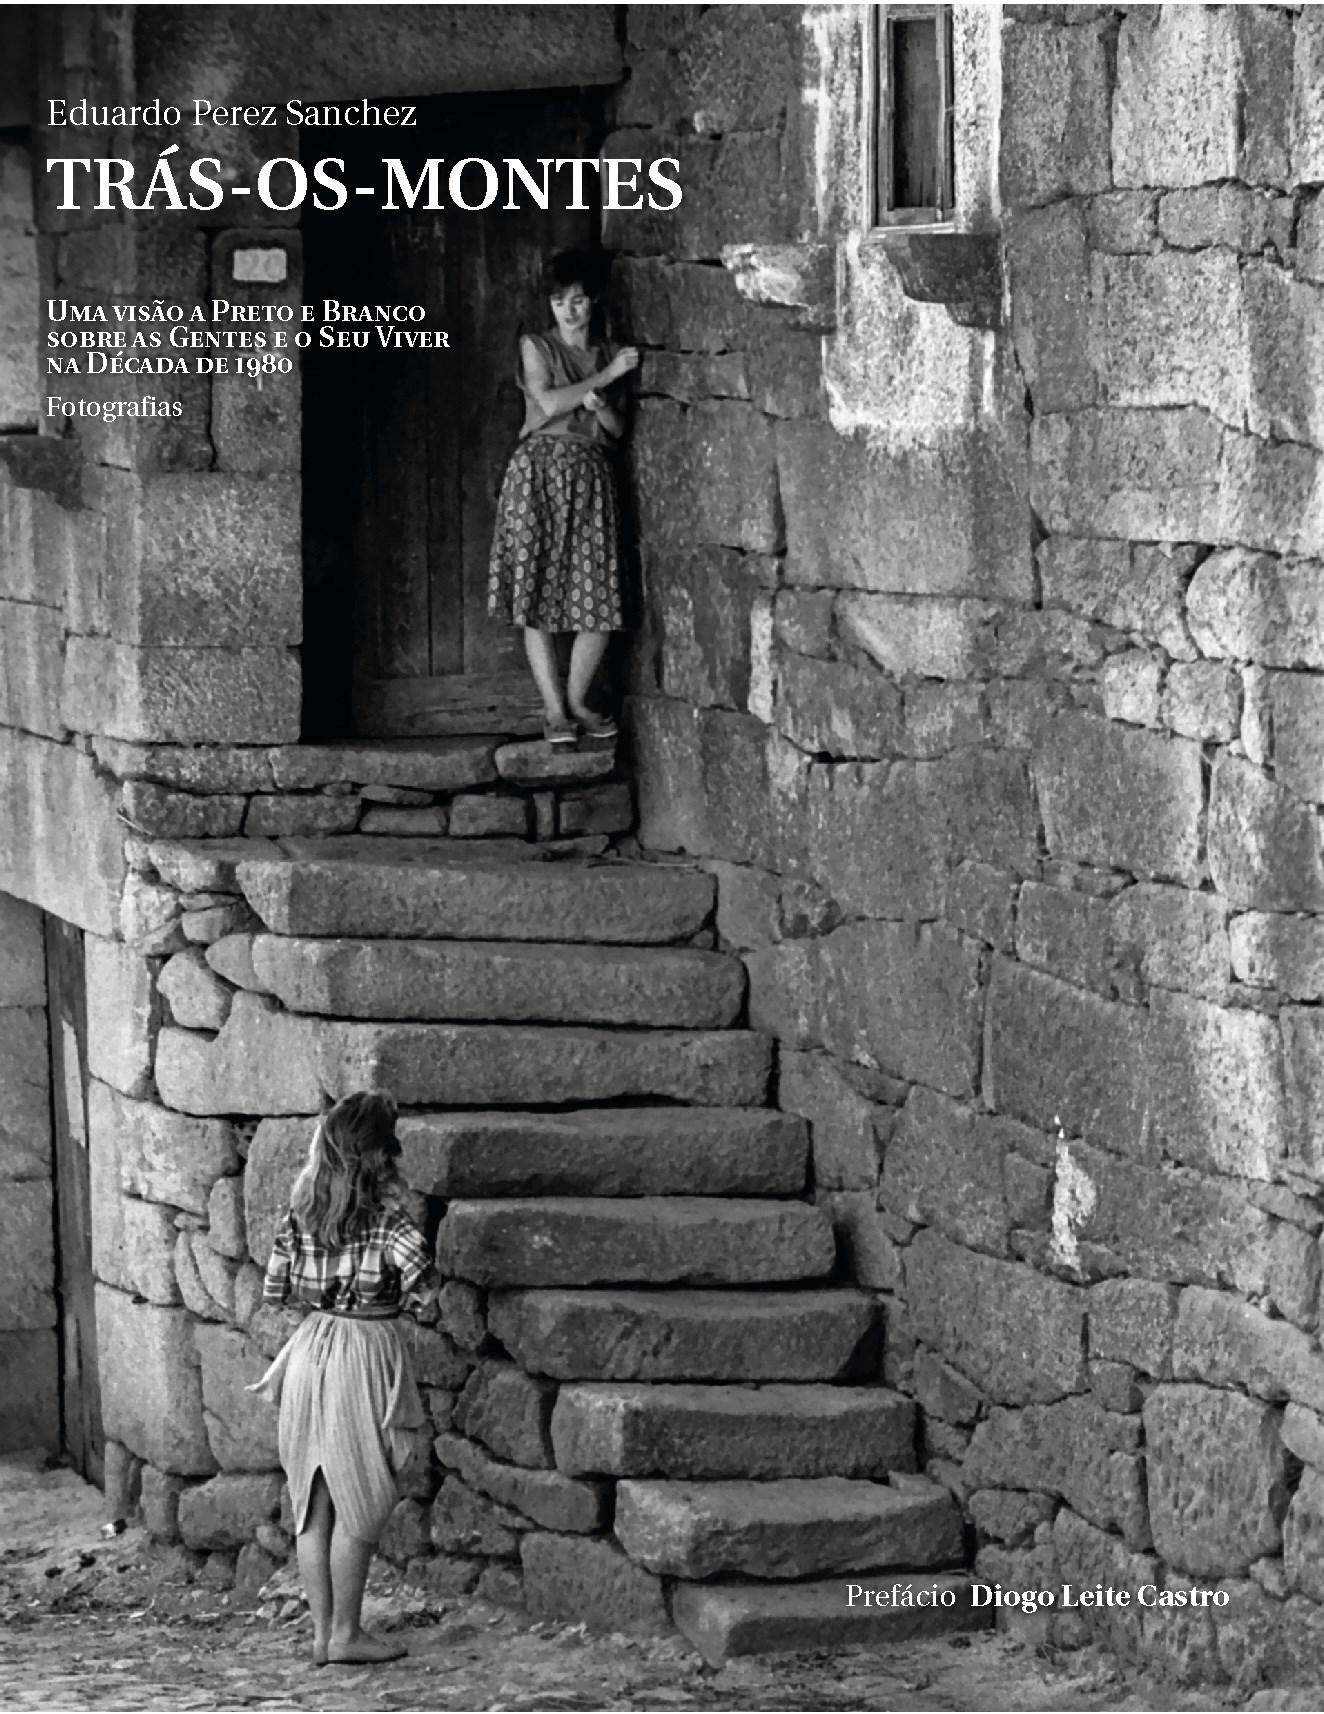 Apresentação do Livro 'Trás-Os-Montes' de Eduardo Perez Sanchez